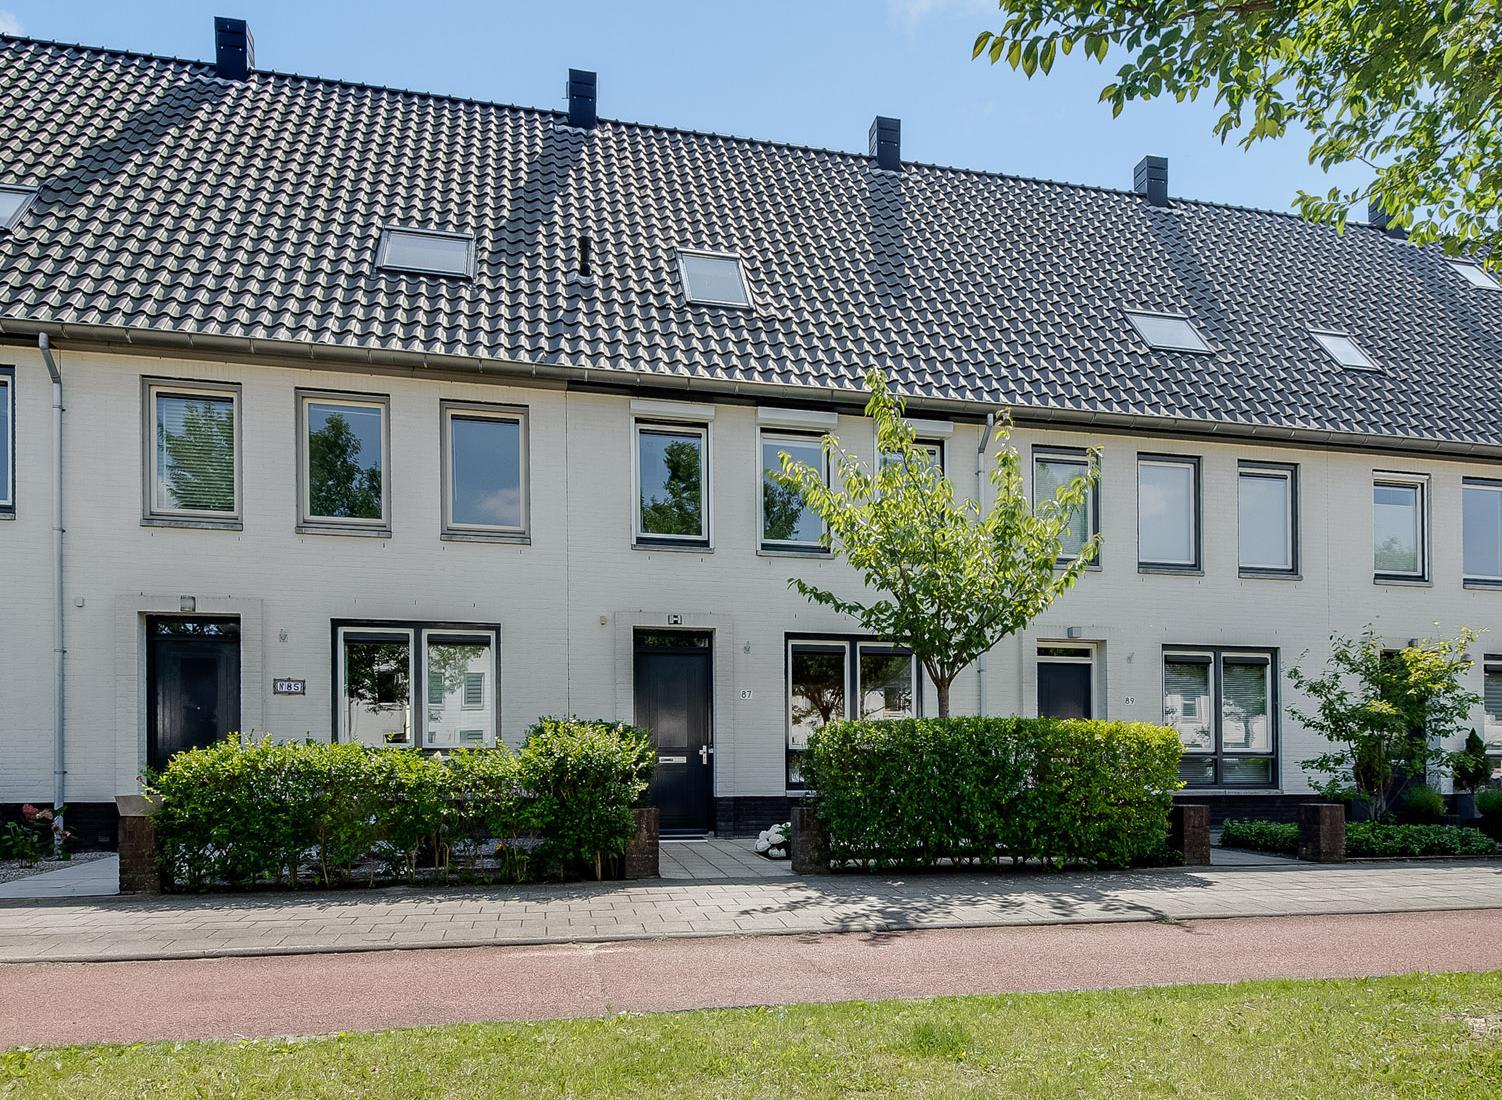 Lunshof makelaars Amstelveen en Amsterdam - Jane Addamslaan 87  Amstelveen